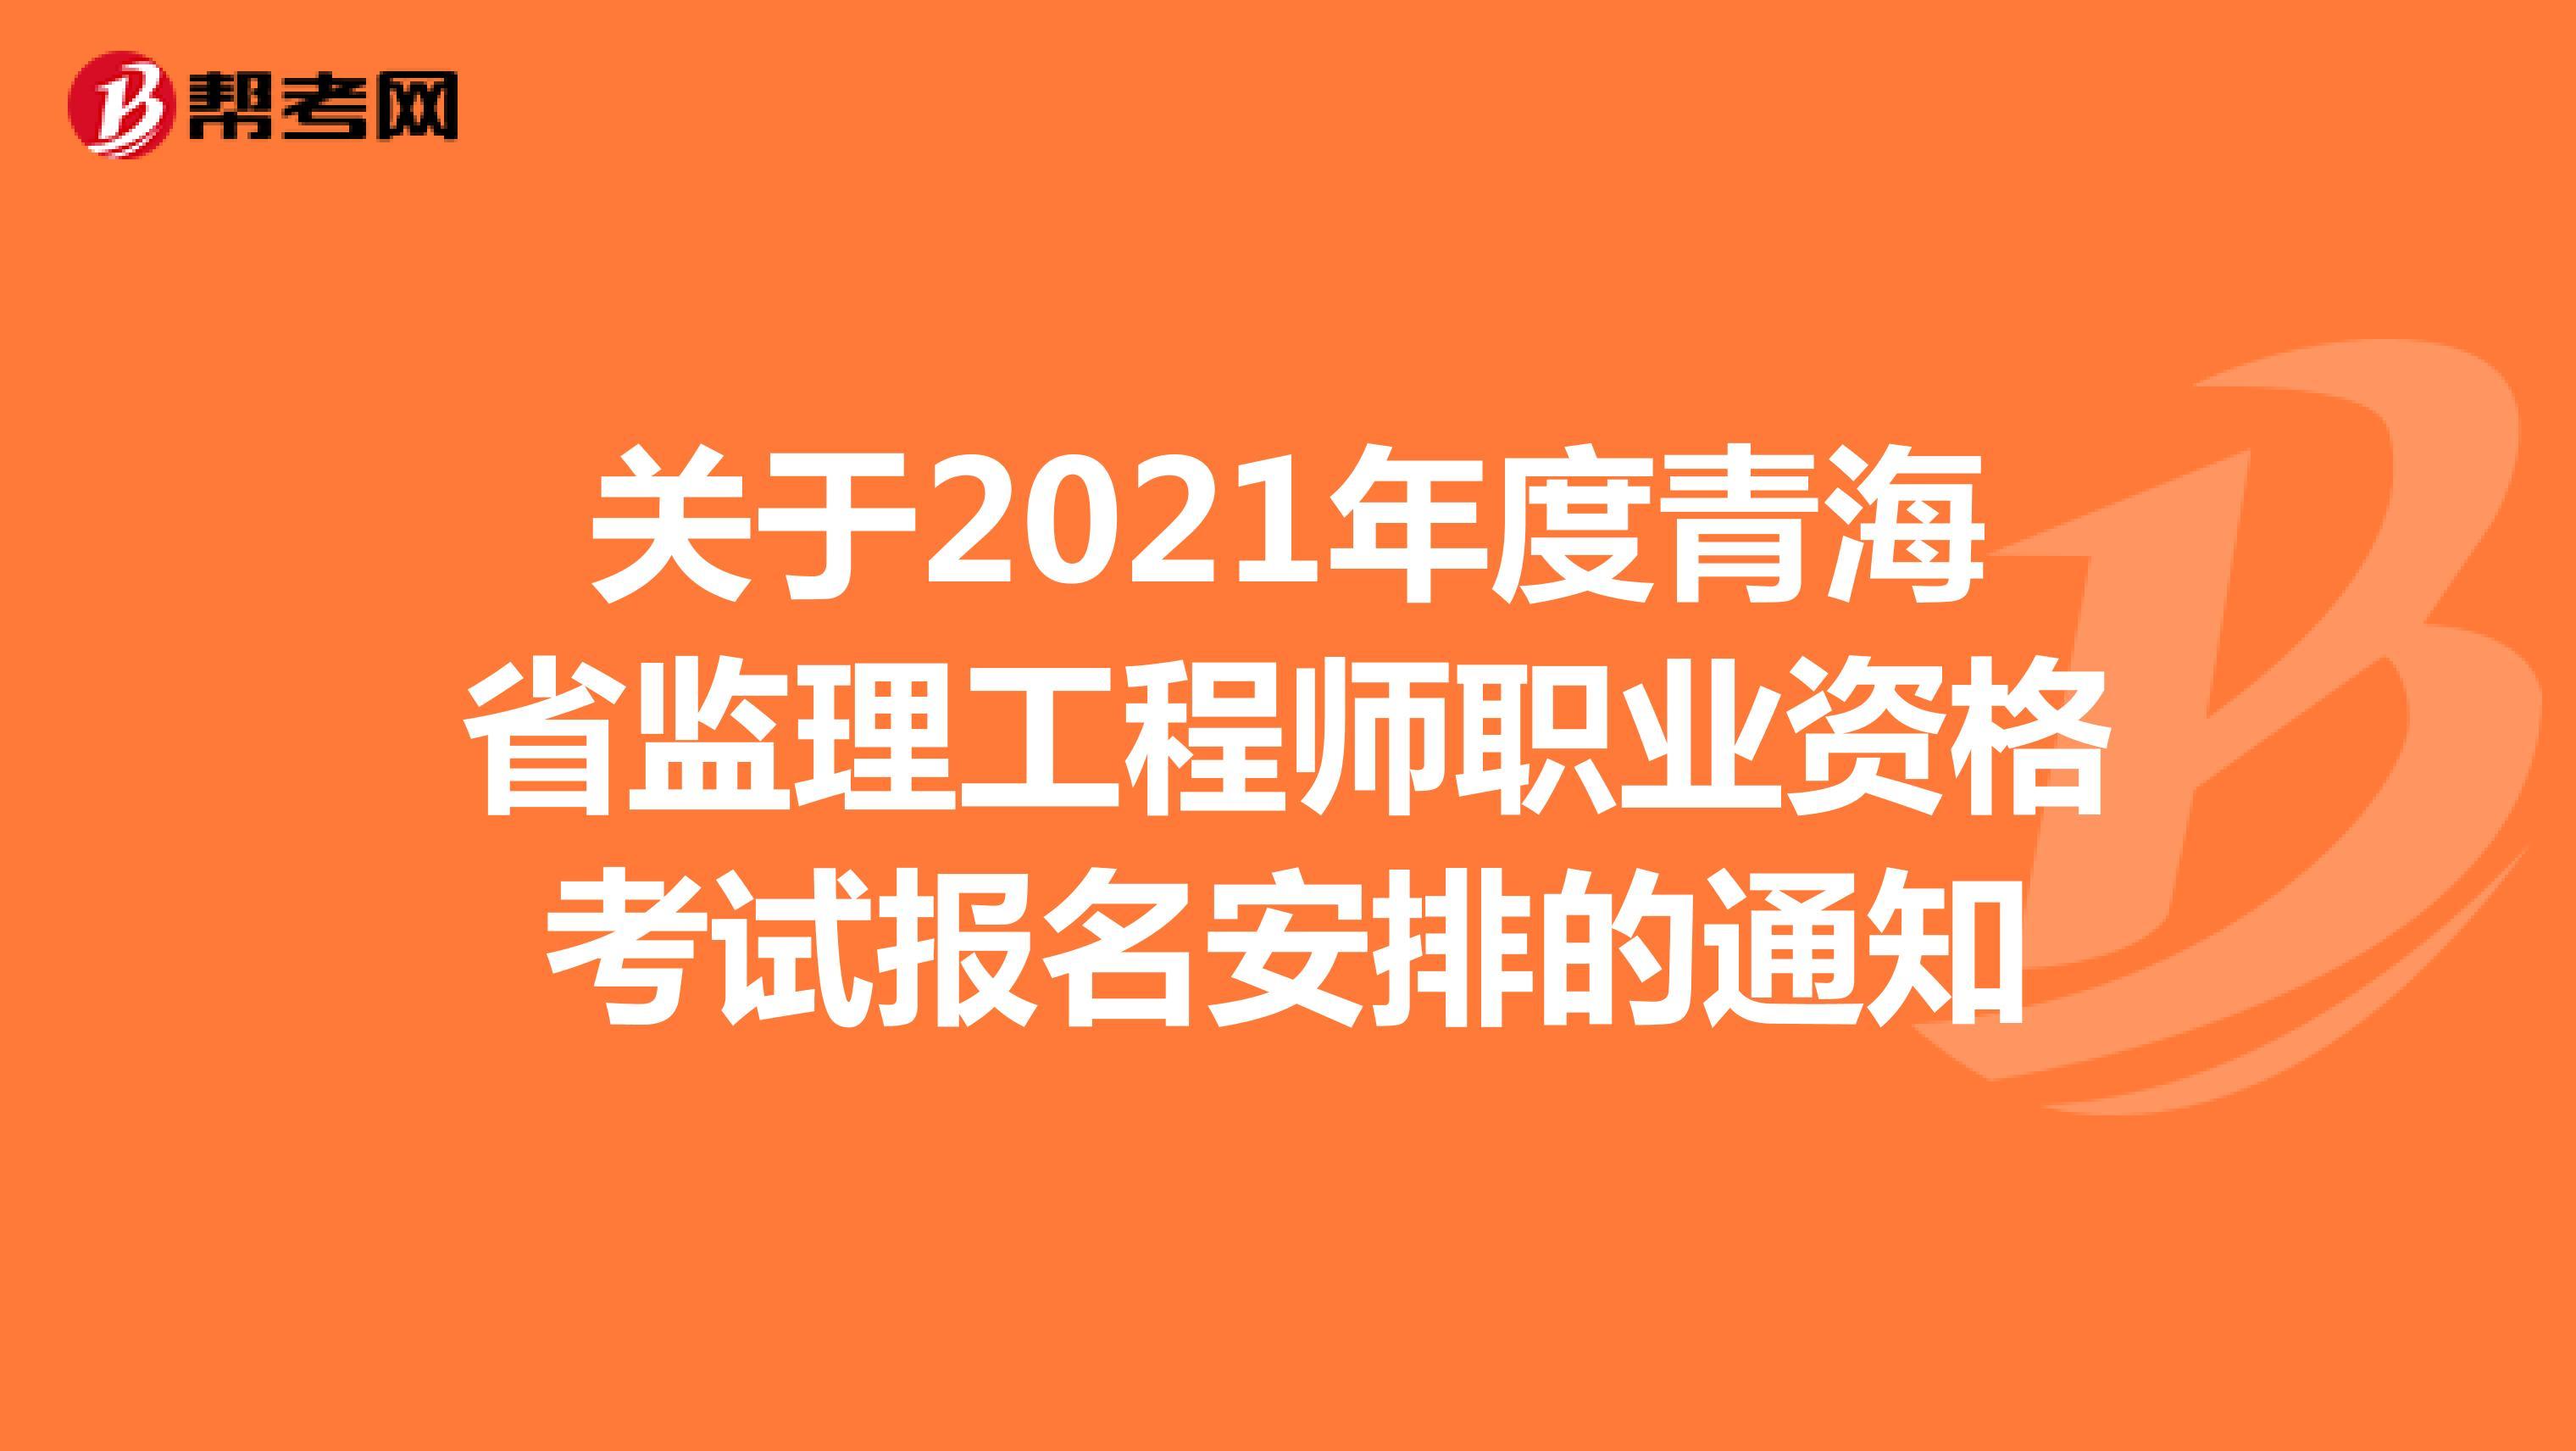 关于2021年度青海省监理工程师职业资格考试报名安排的通知